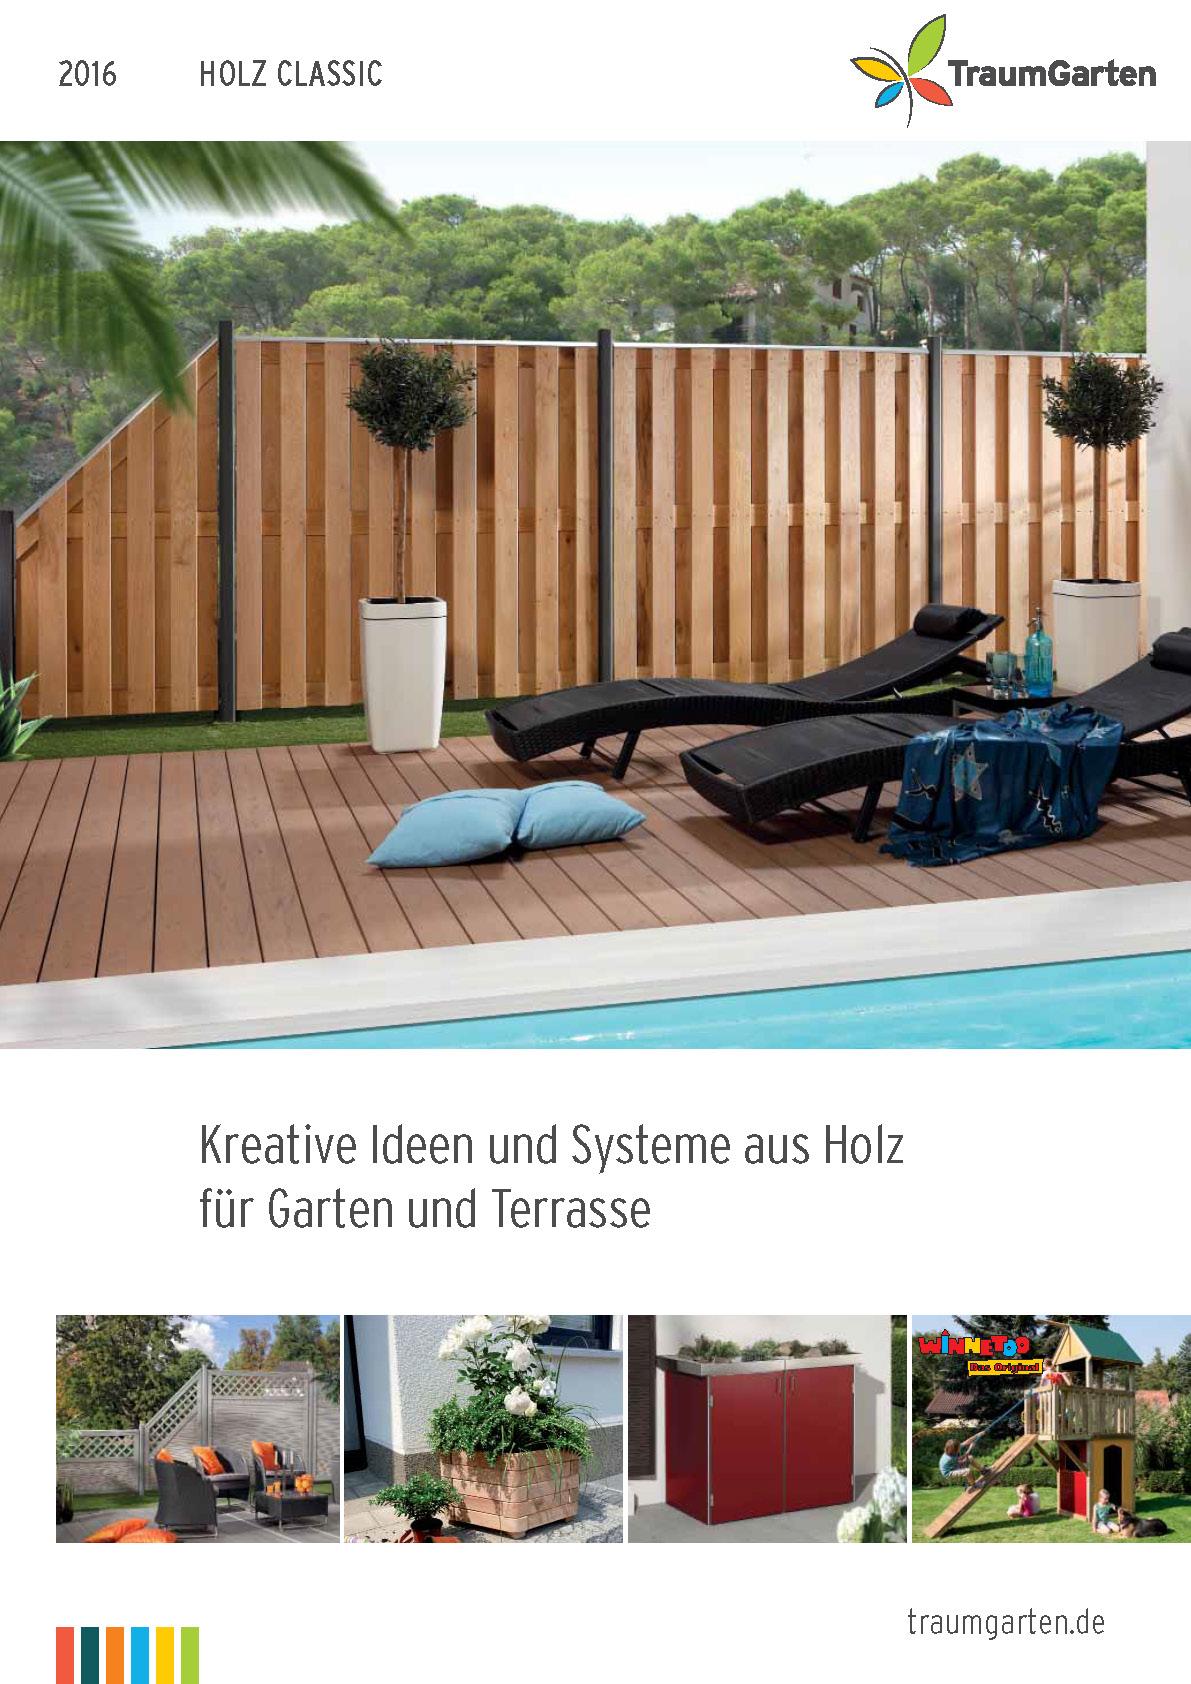 terrassendielen holzdecks wpc kaufen coburg kronach sonneberg th ringen lichtenfels. Black Bedroom Furniture Sets. Home Design Ideas